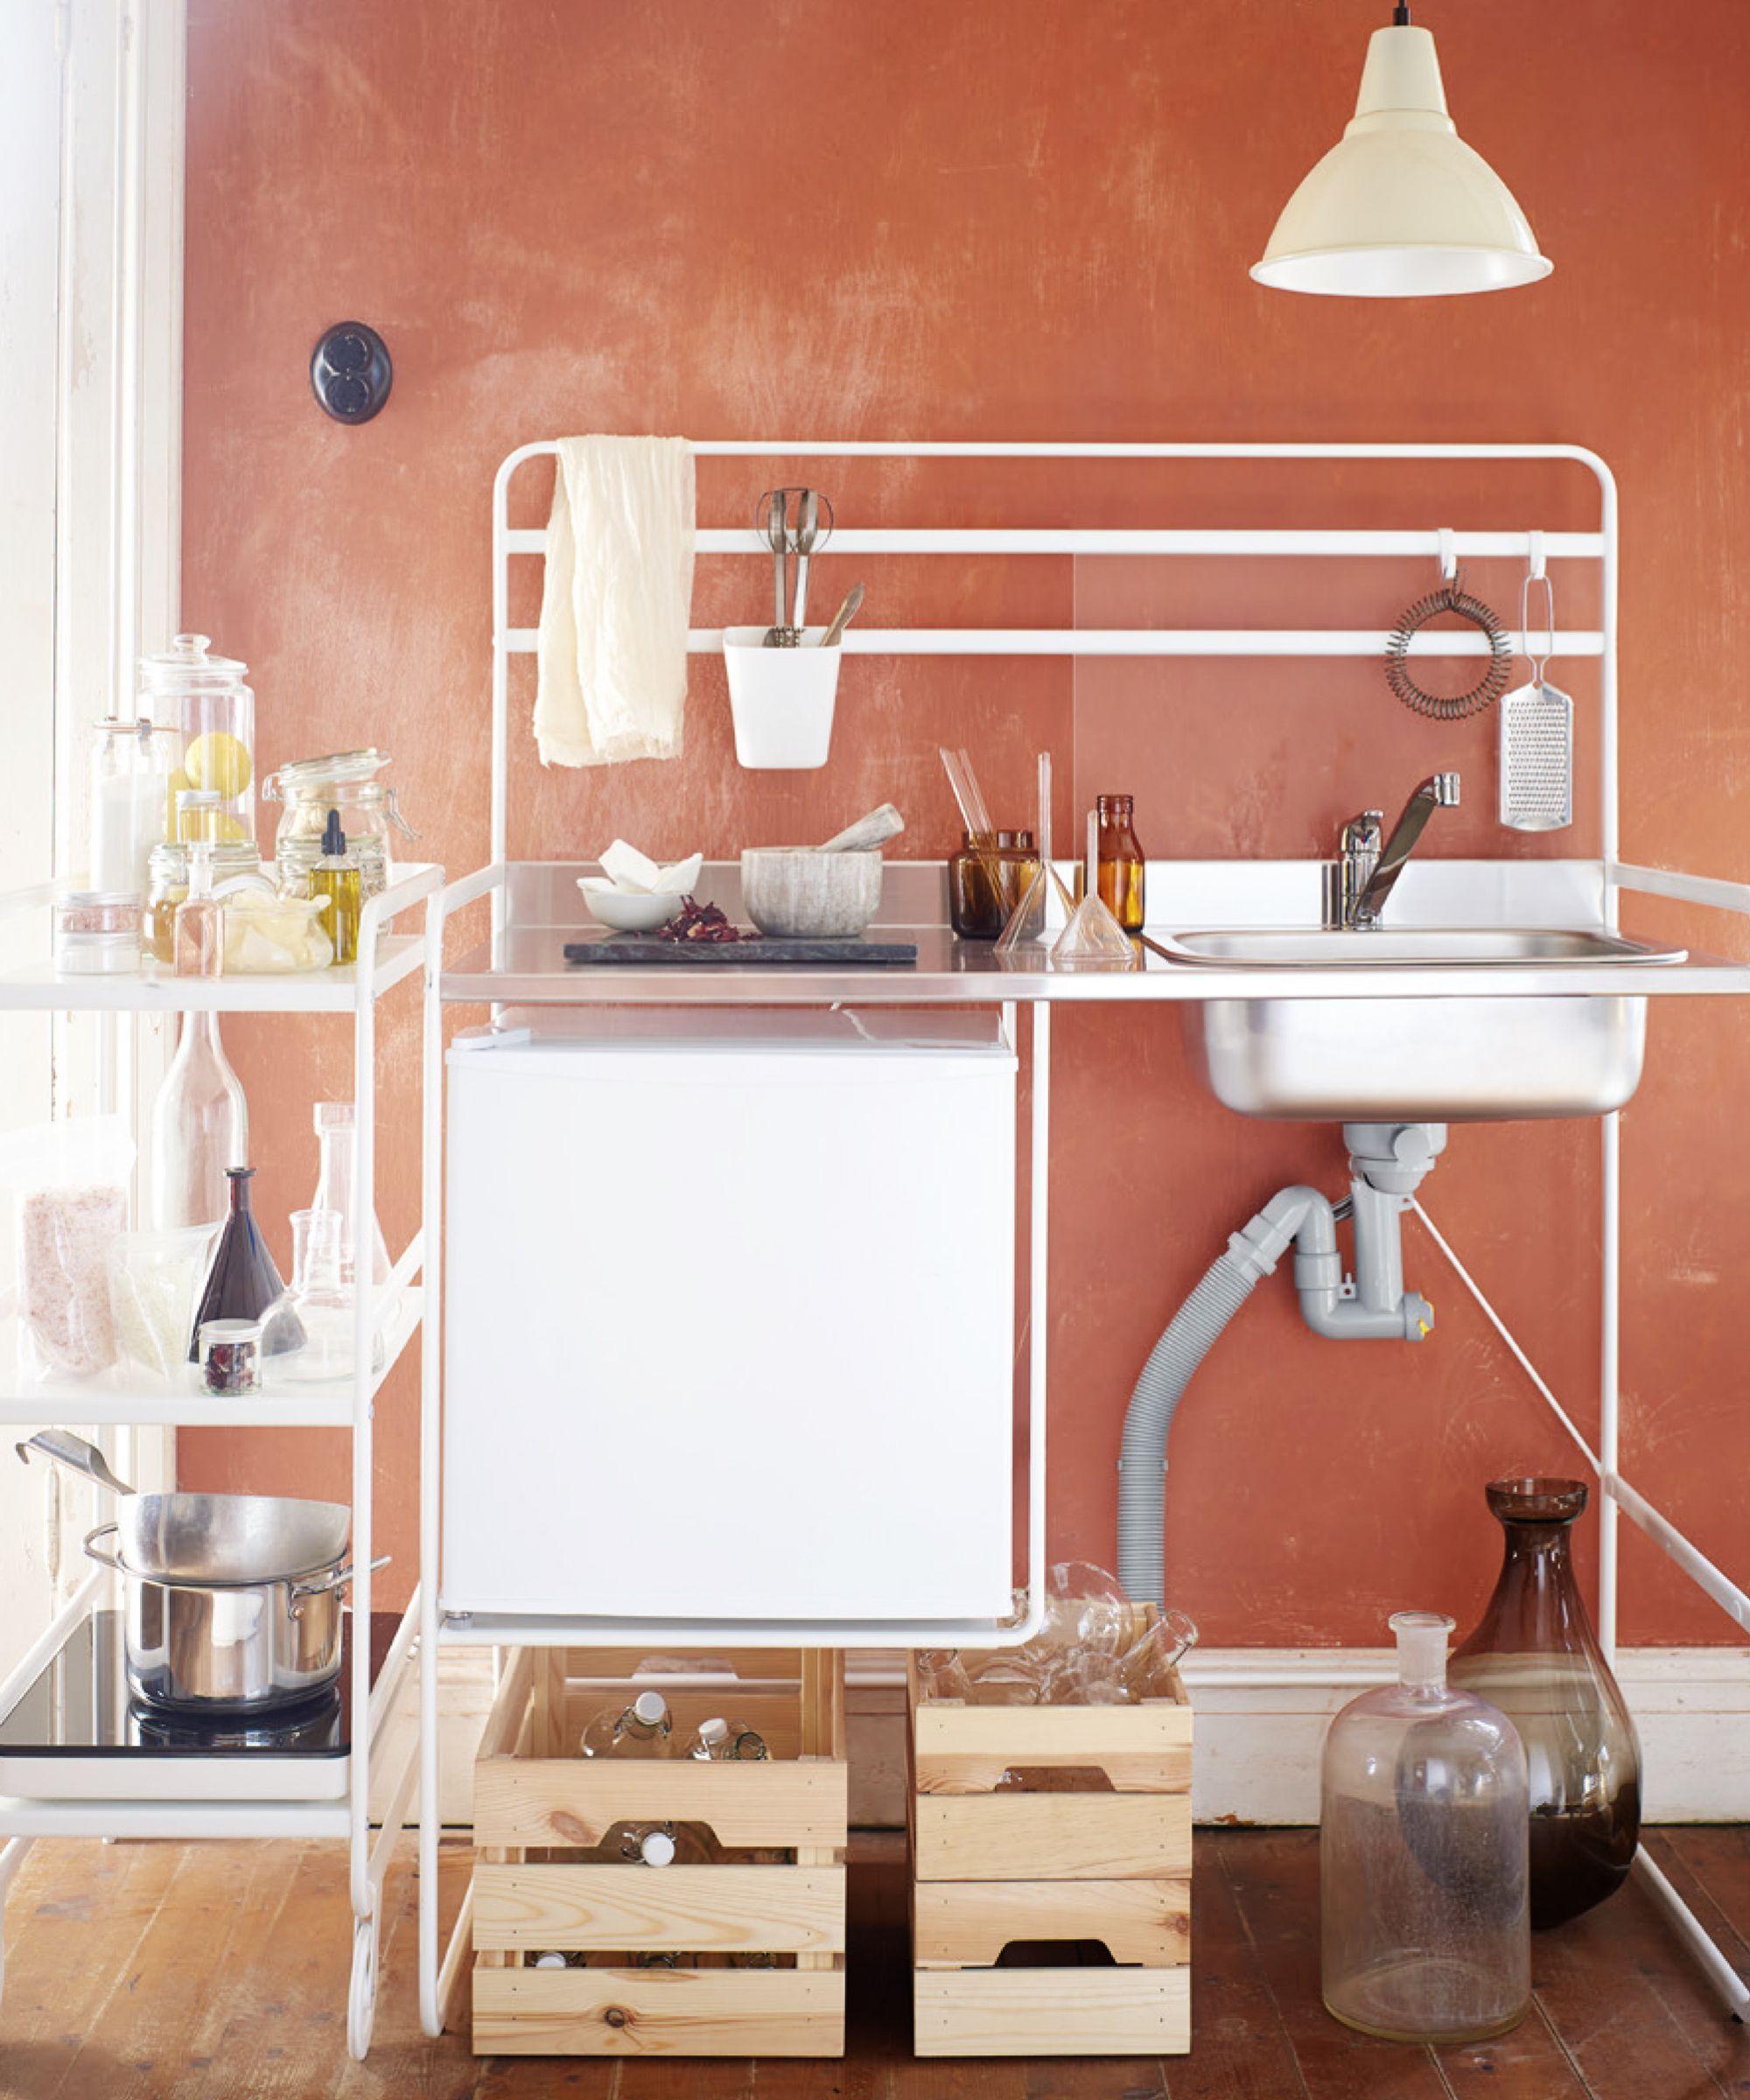 Full Size of Get An Entire Ikea Mini Kitchen For Just 112 Minikche Nischenrückwand Küche Modulküche Edelstahlküche Doppel Mülleimer Apothekerschrank Mit Wohnzimmer Mobile Küche Ikea